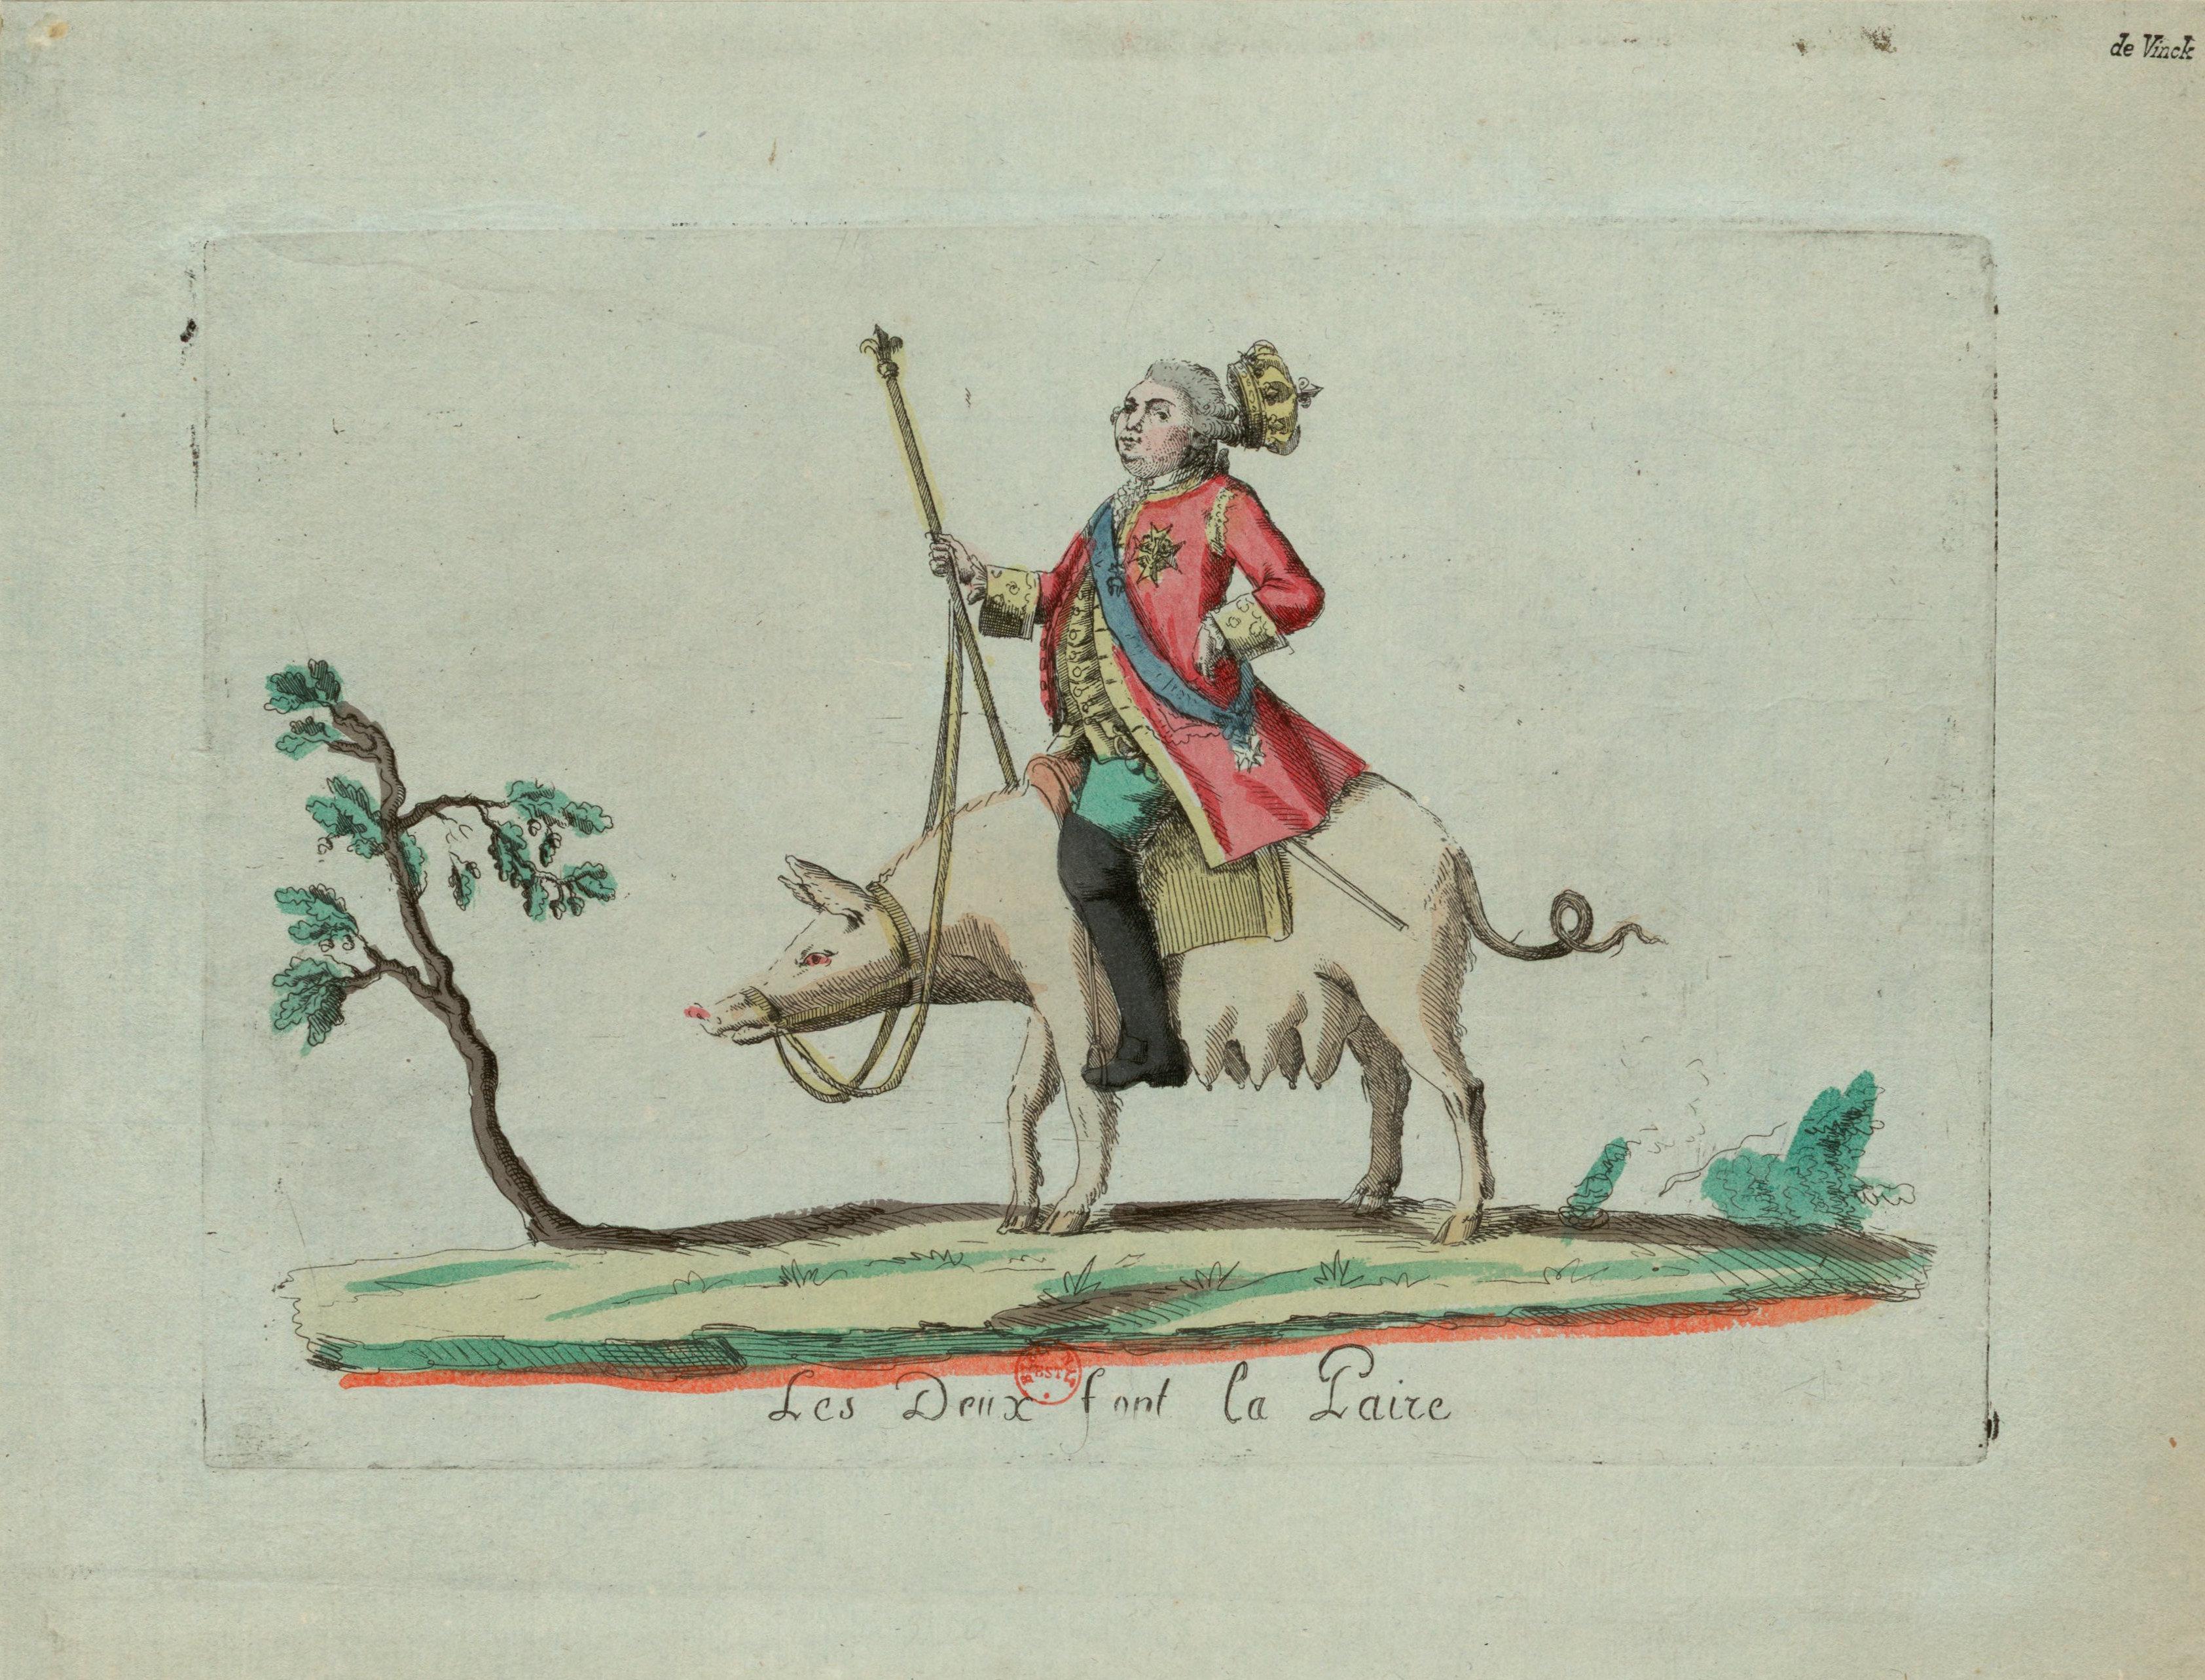 Engraving of King Louis XVI riding a pig